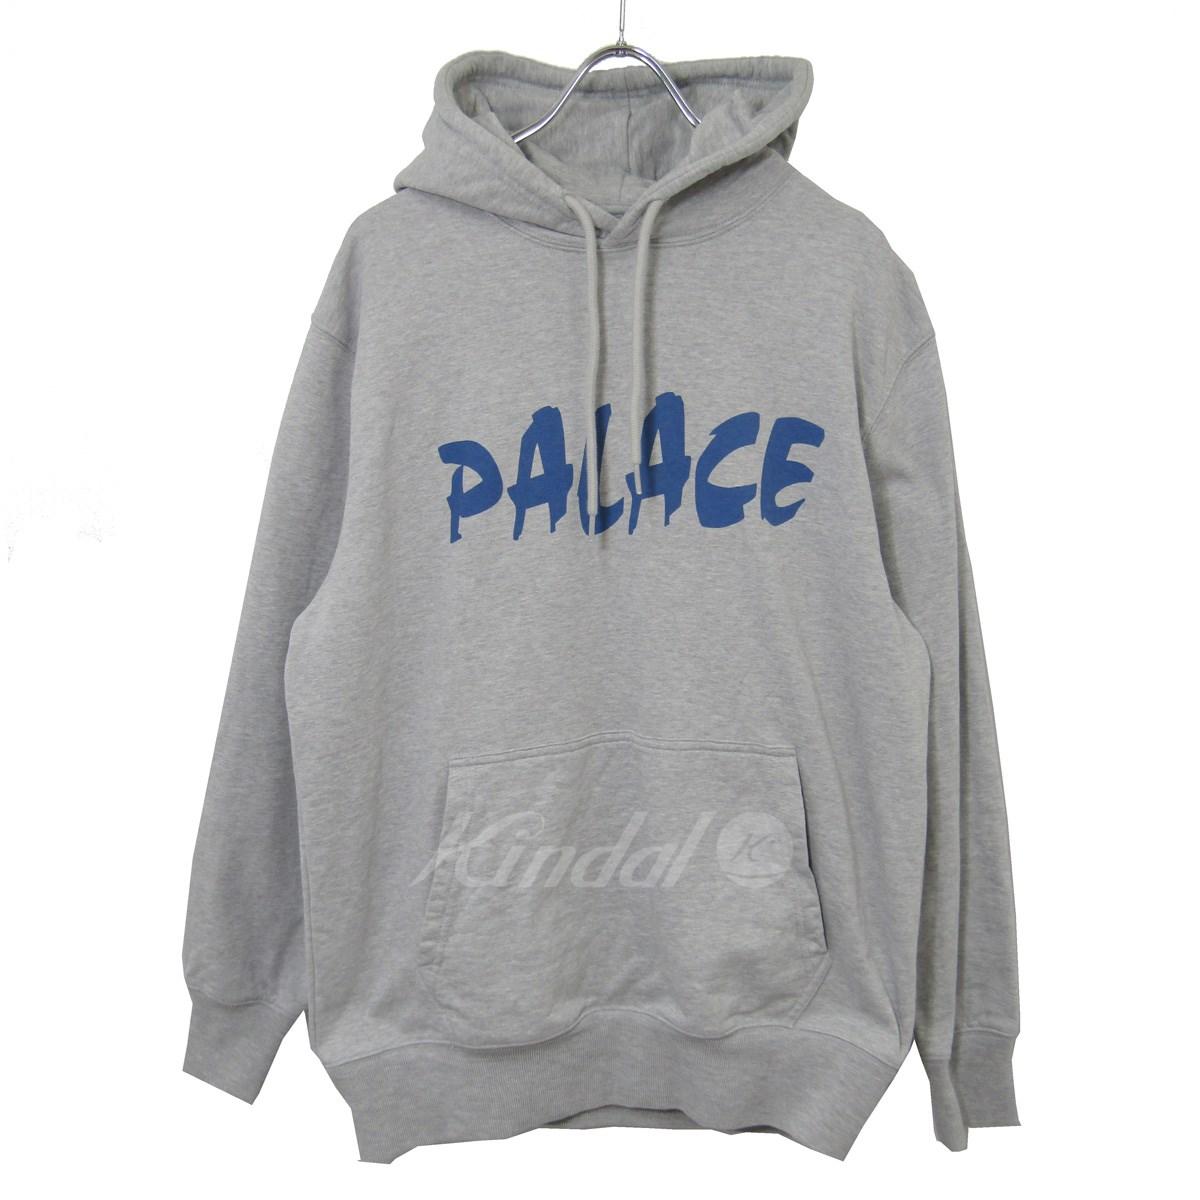 【中古】PALACE PALAZER HOOD プルオーバーパーカー 【送料無料】 【025425】 【KIND1550】